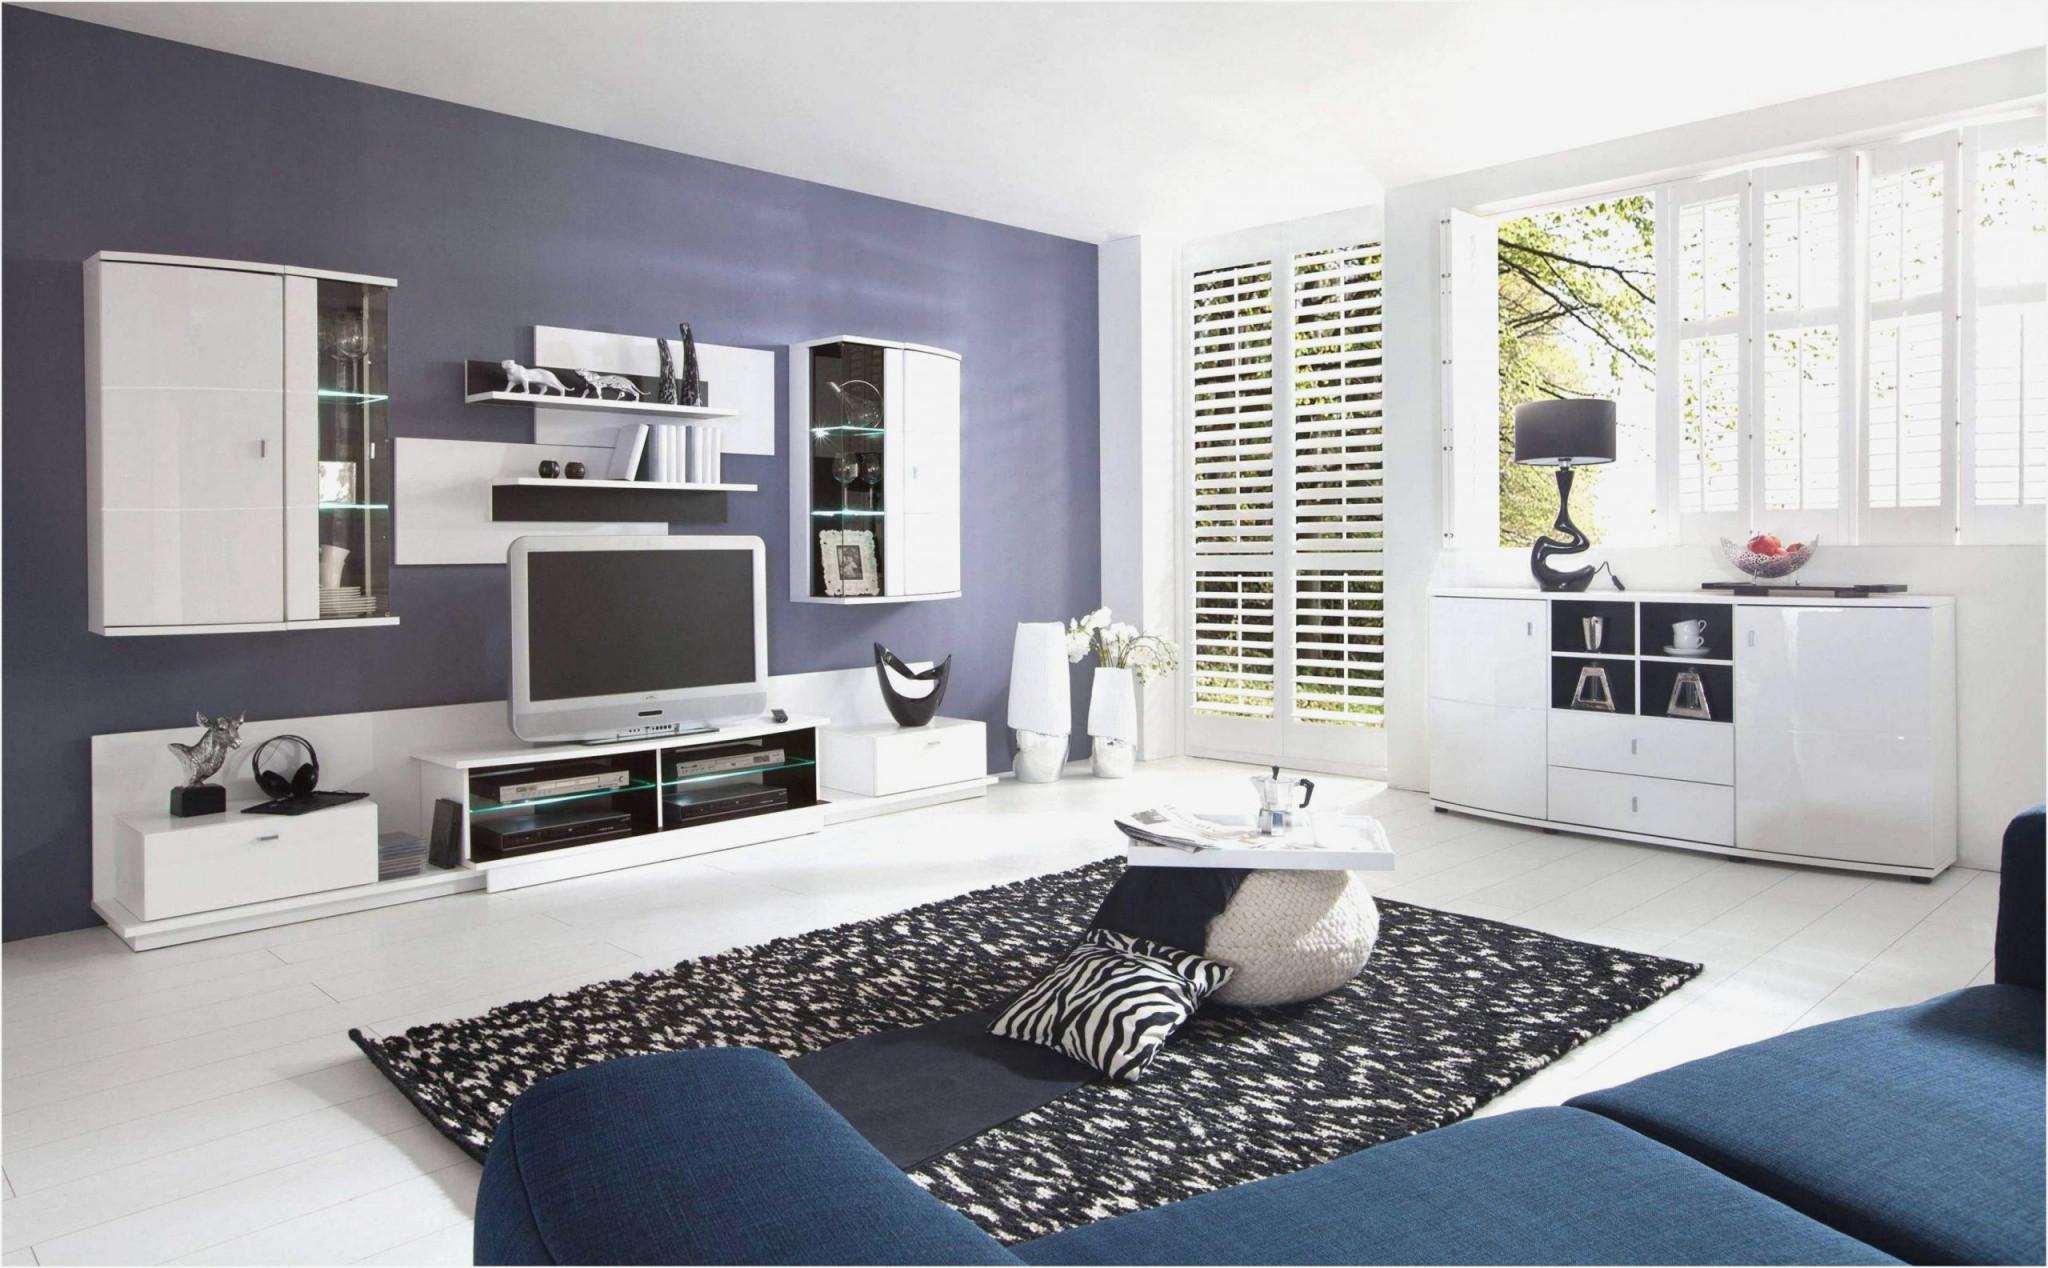 Schöne Moderne Wohnzimmer Bilder  Wohnzimmer  Traumhaus von Schöne Moderne Wohnzimmer Photo